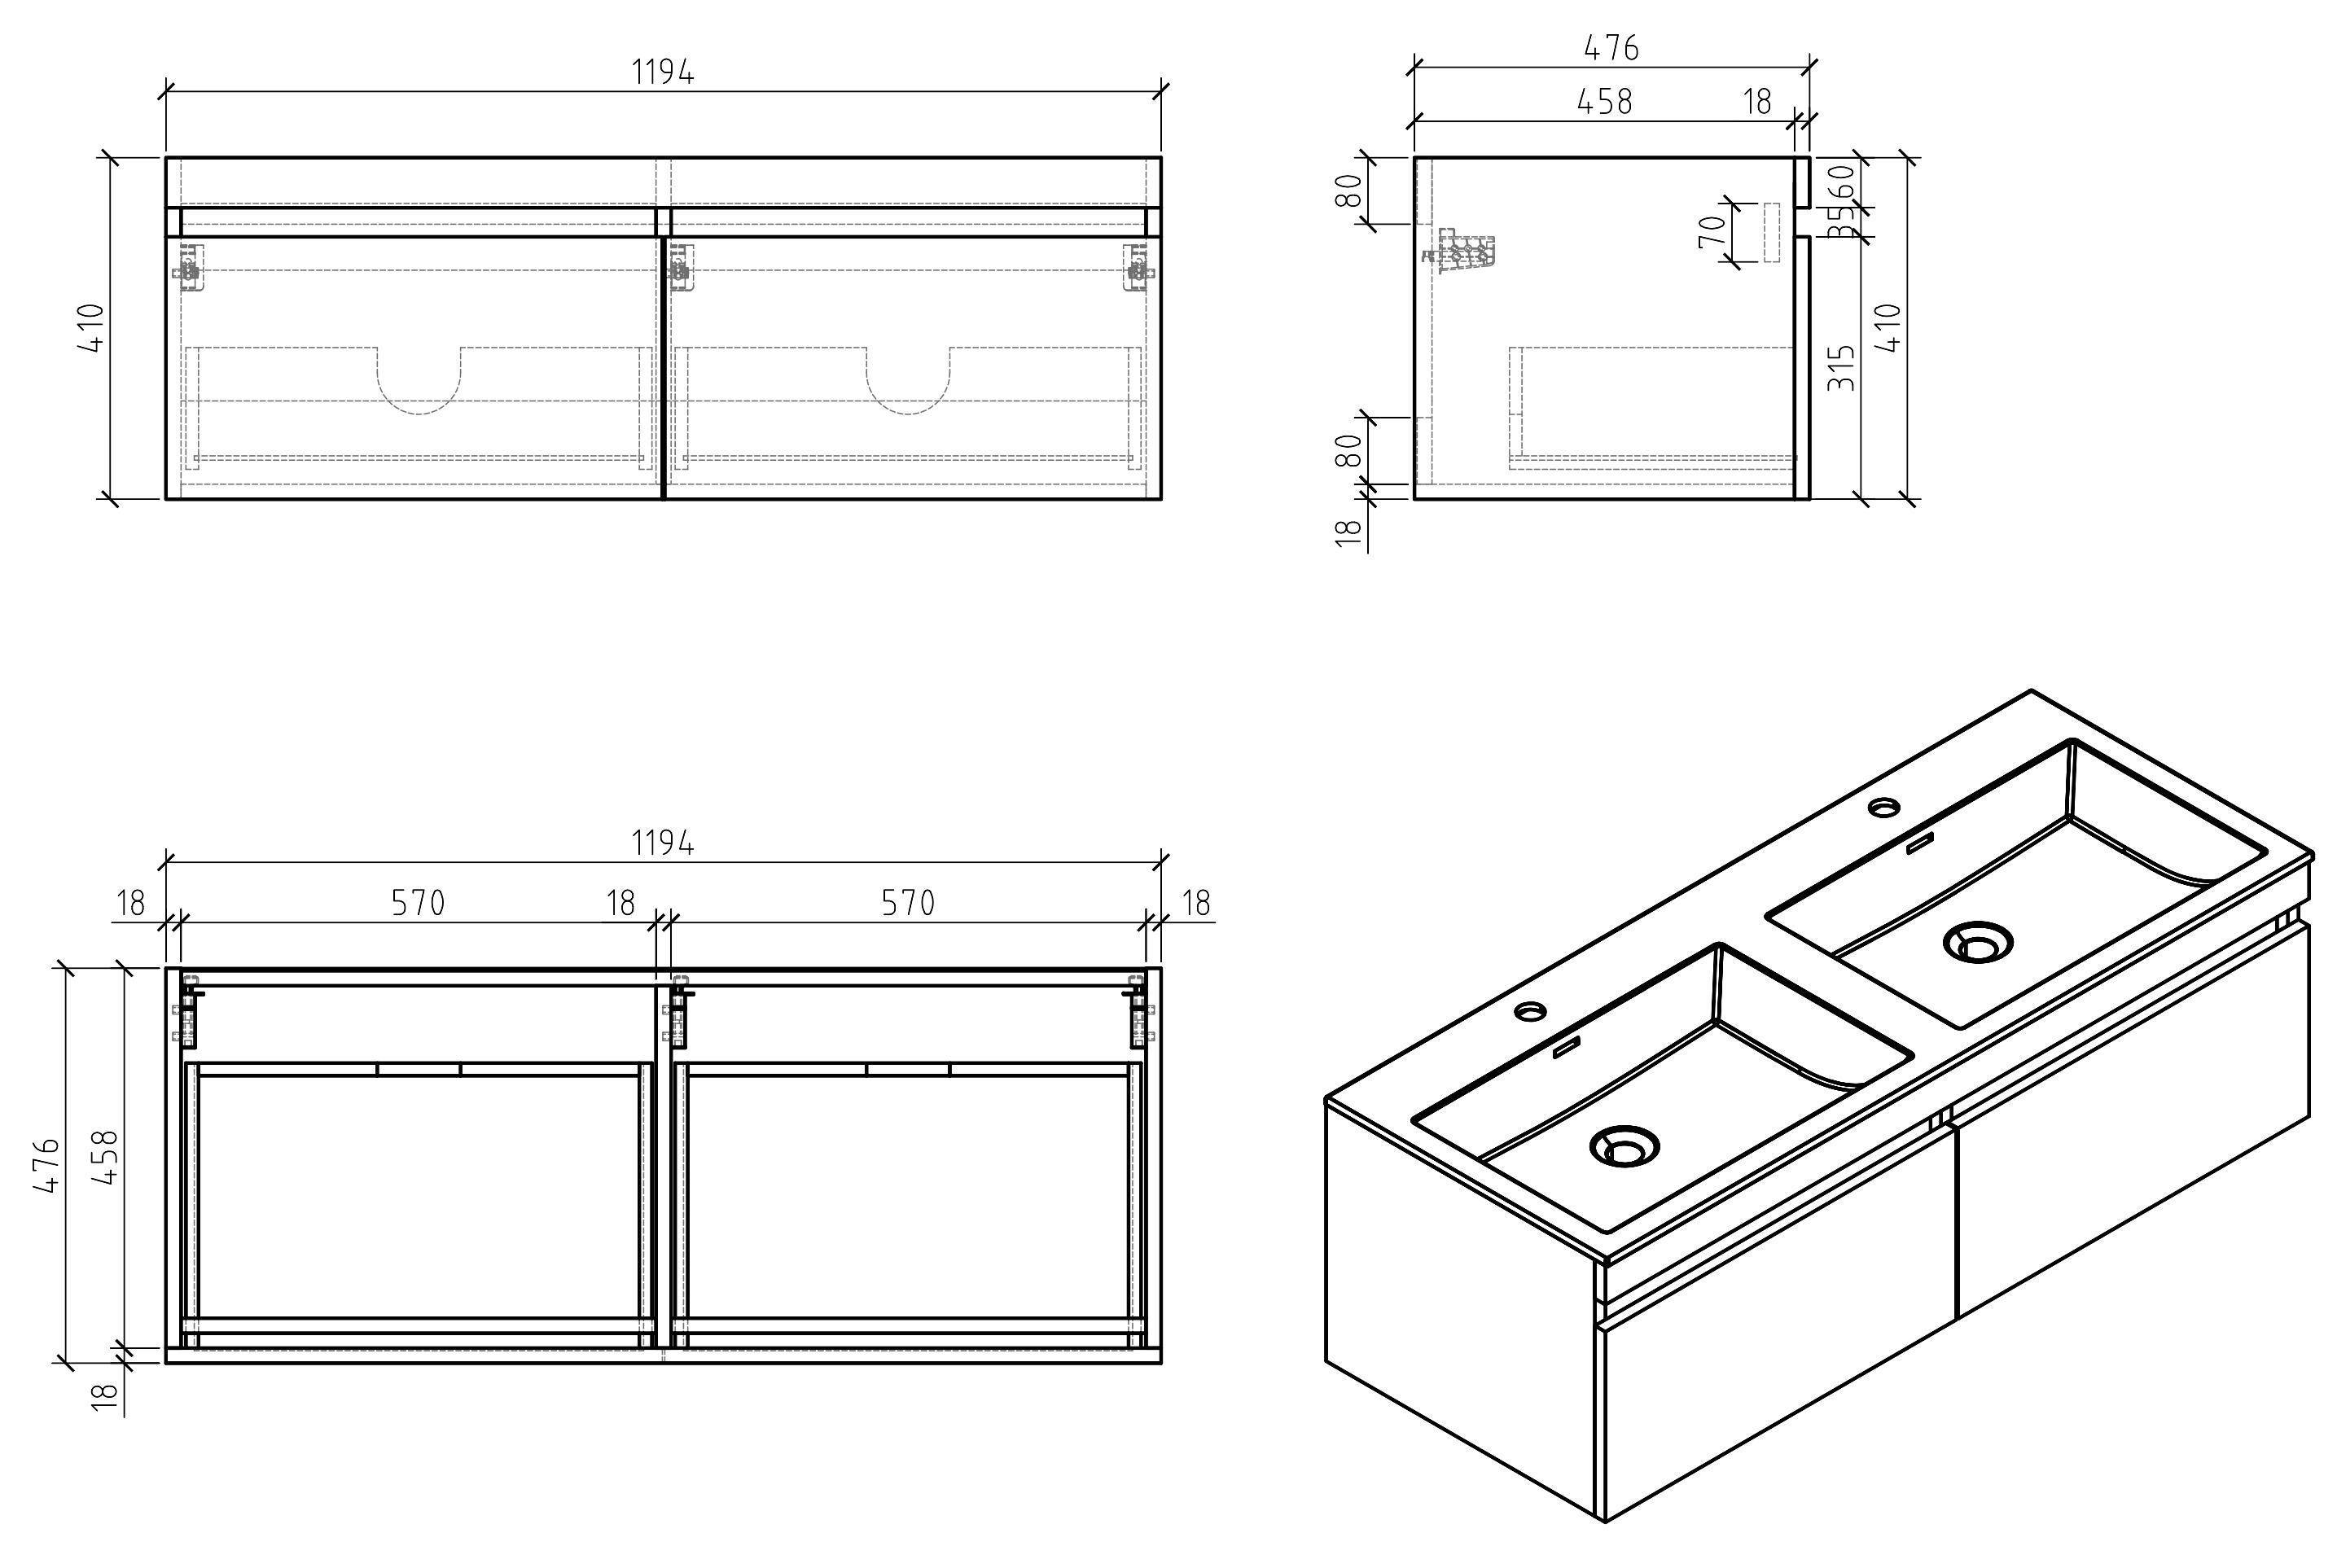 Badmöbel Easy 1200 - Zeichnung